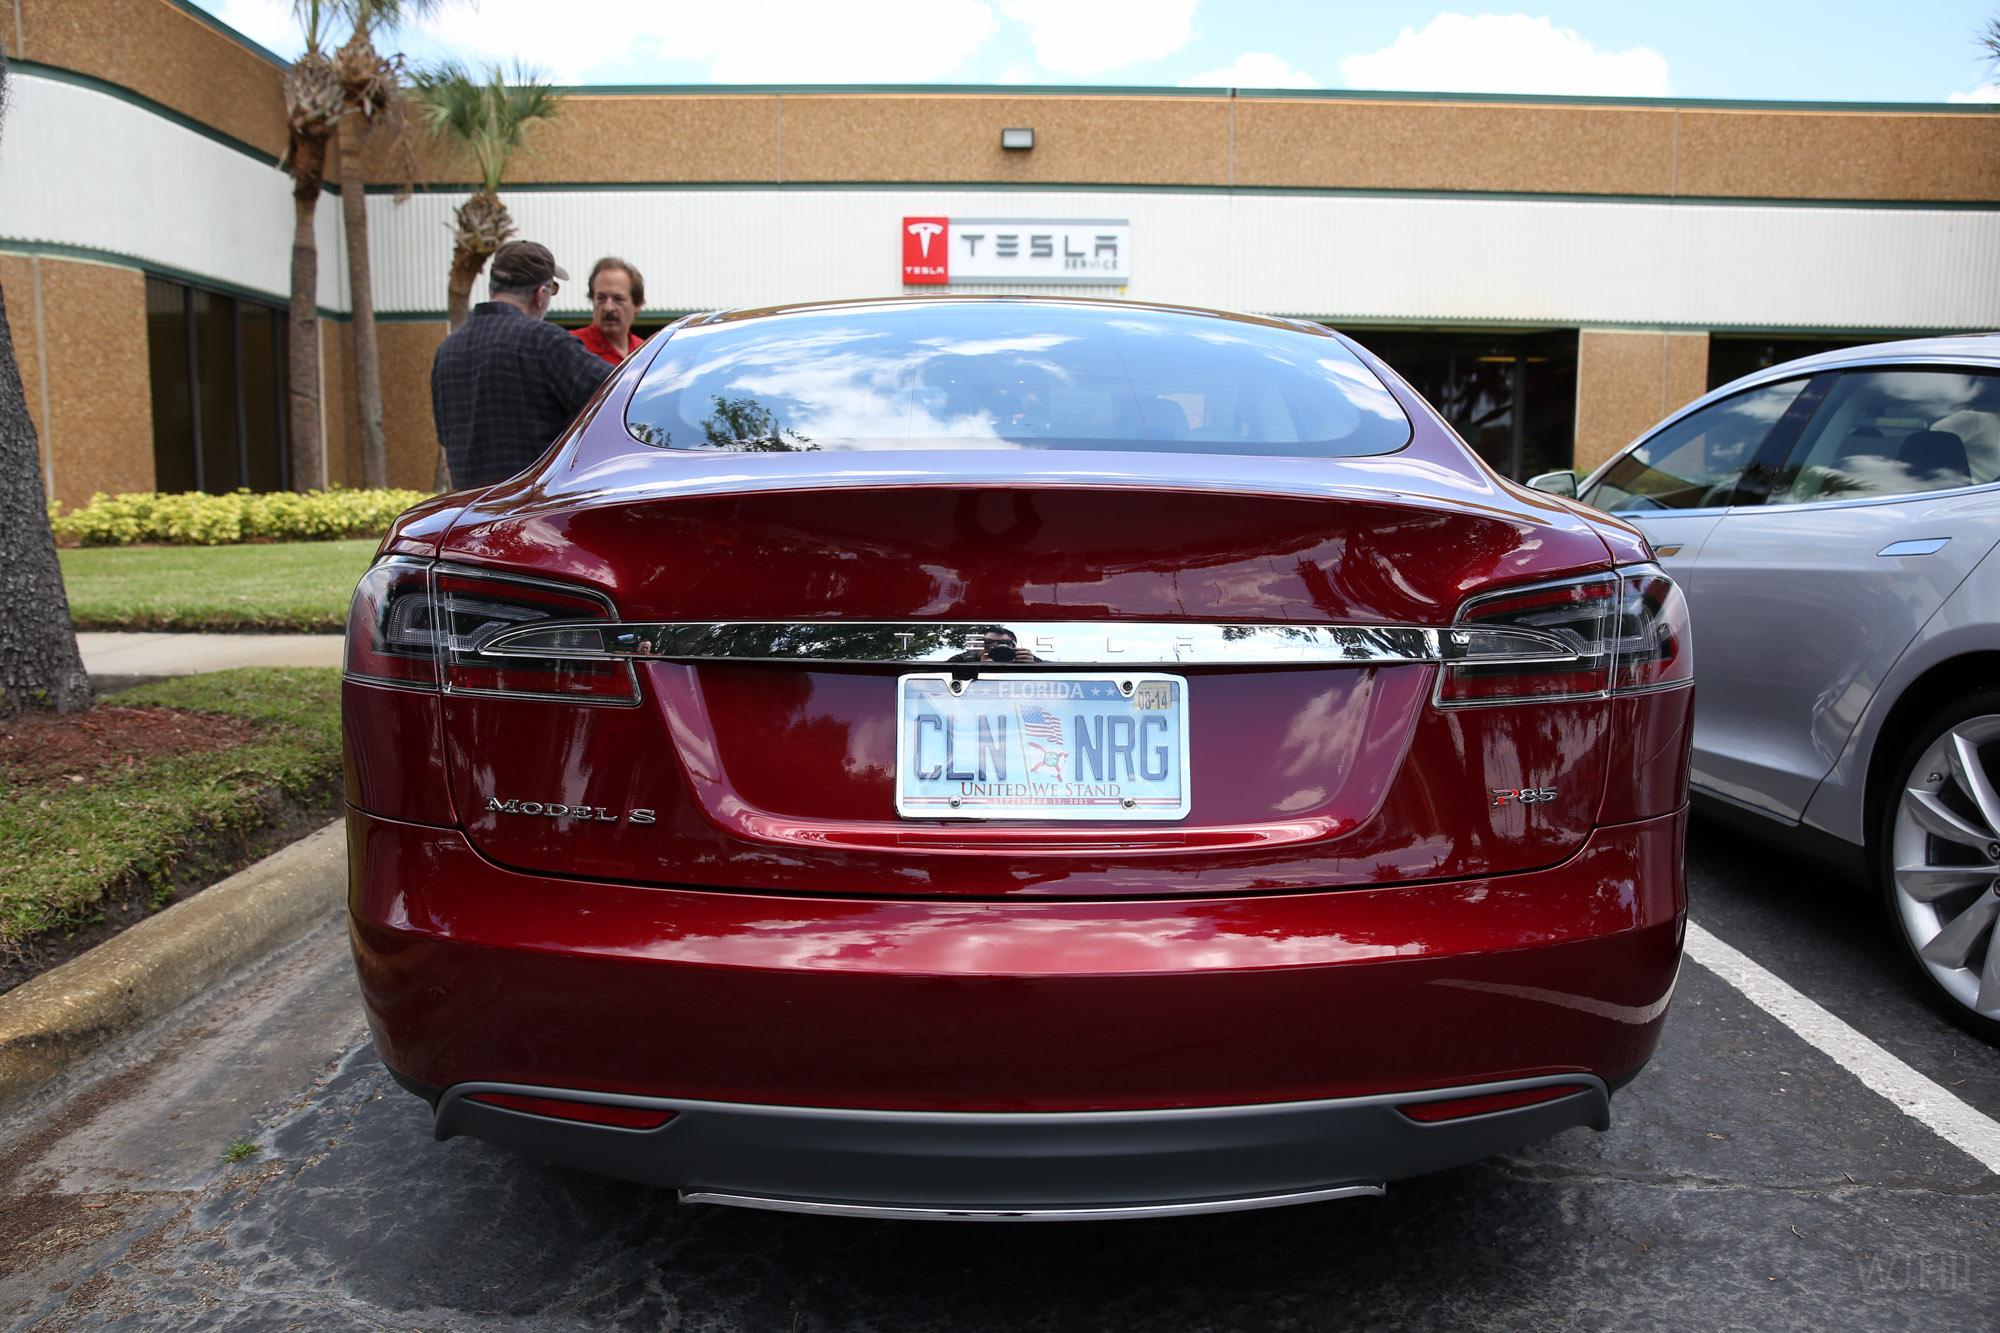 TeslaMotorsClub_Tampa_28APR13_0064.jpg